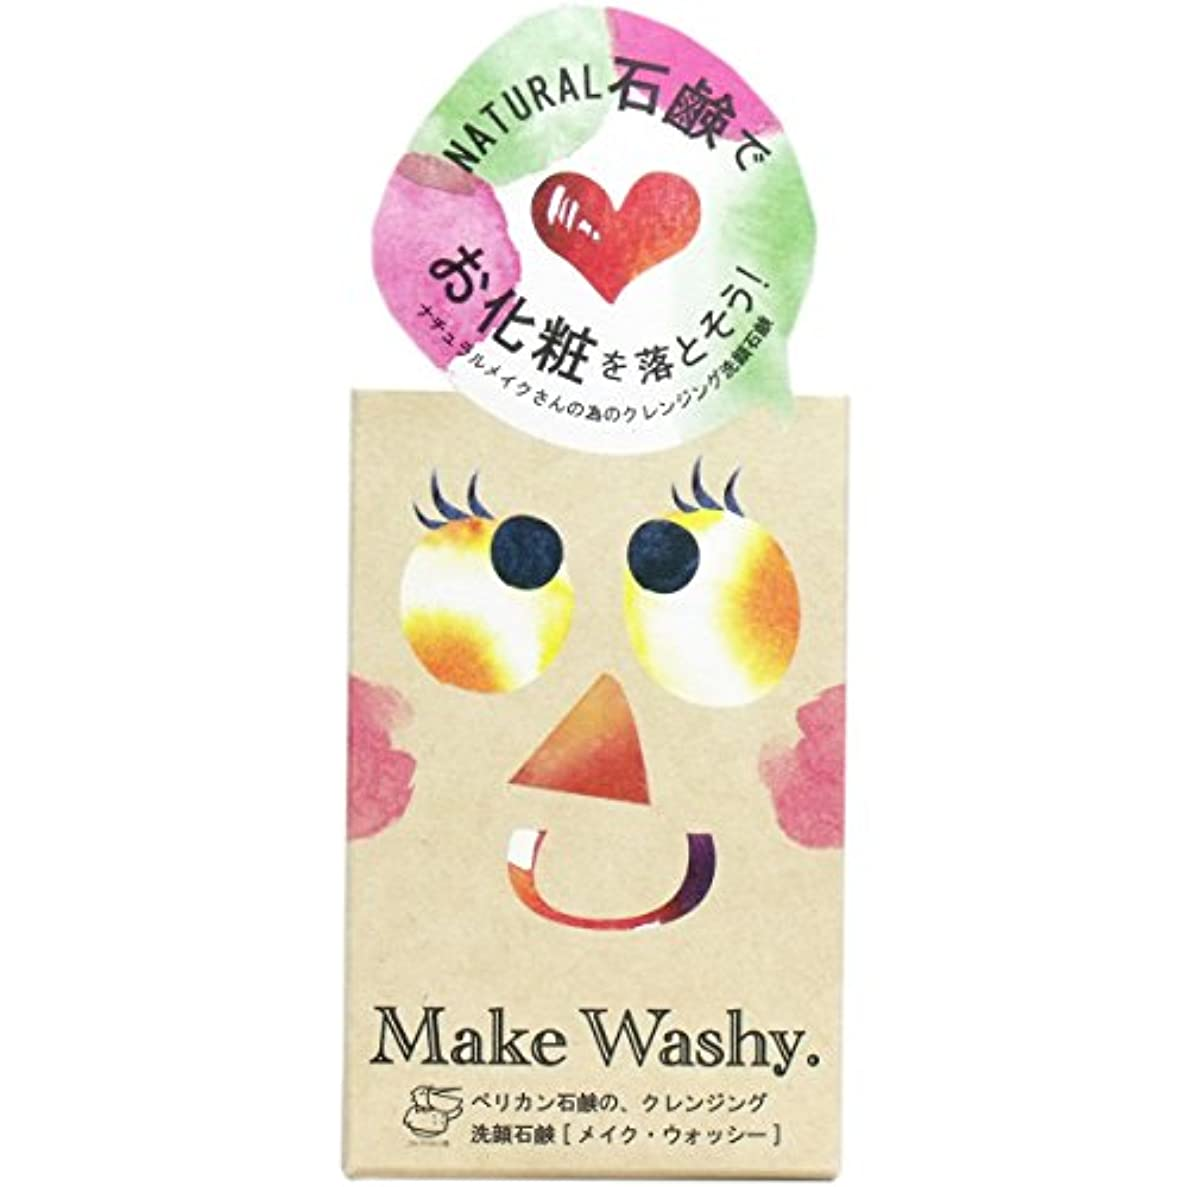 ドラゴン遺産民族主義メイクウォッシー 洗顔石鹸 × 3個セット